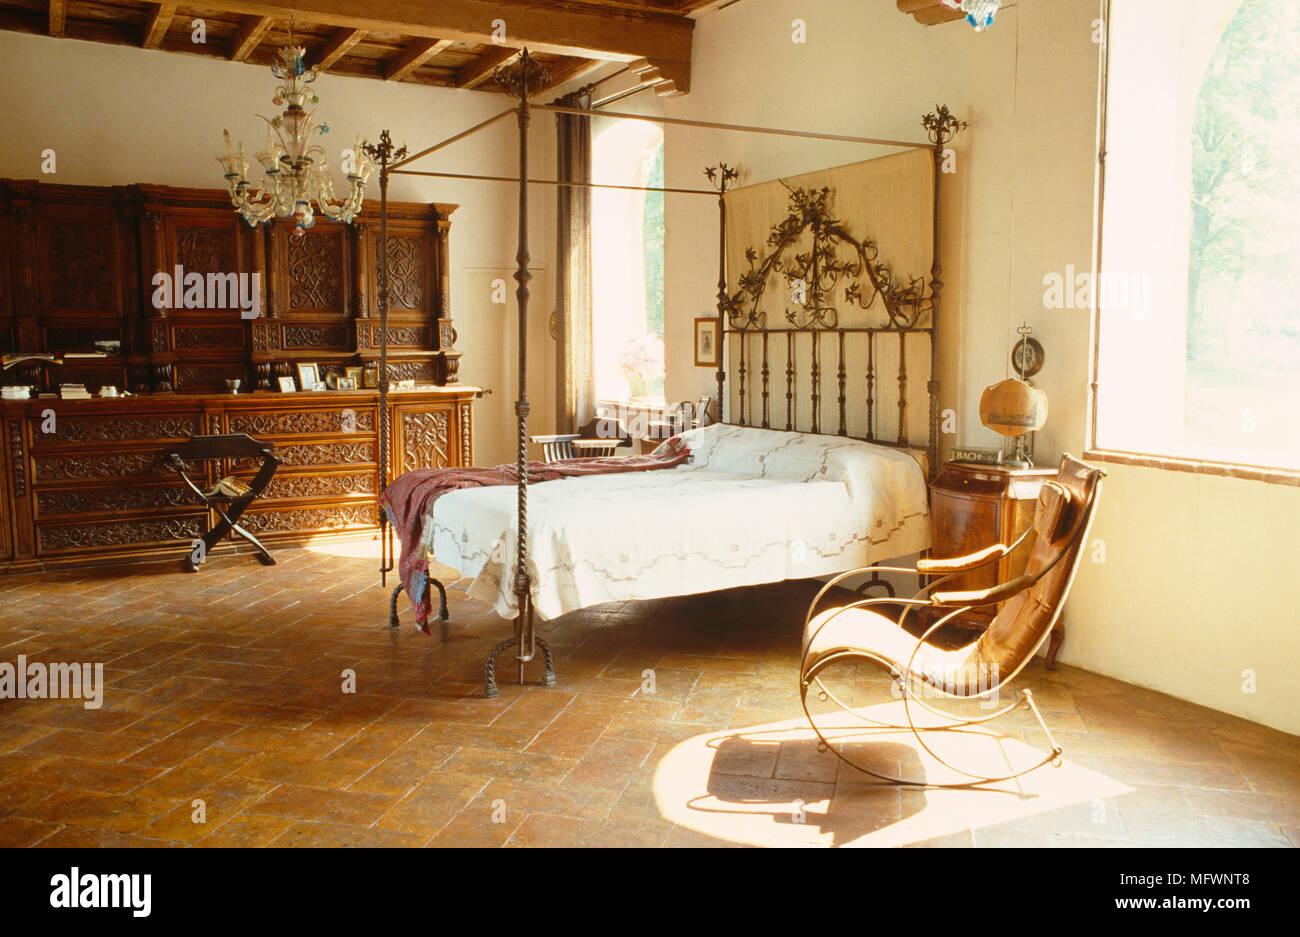 Letti A Baldacchino Antichi : Letti a baldacchino antichi letti antichi in legno with letti